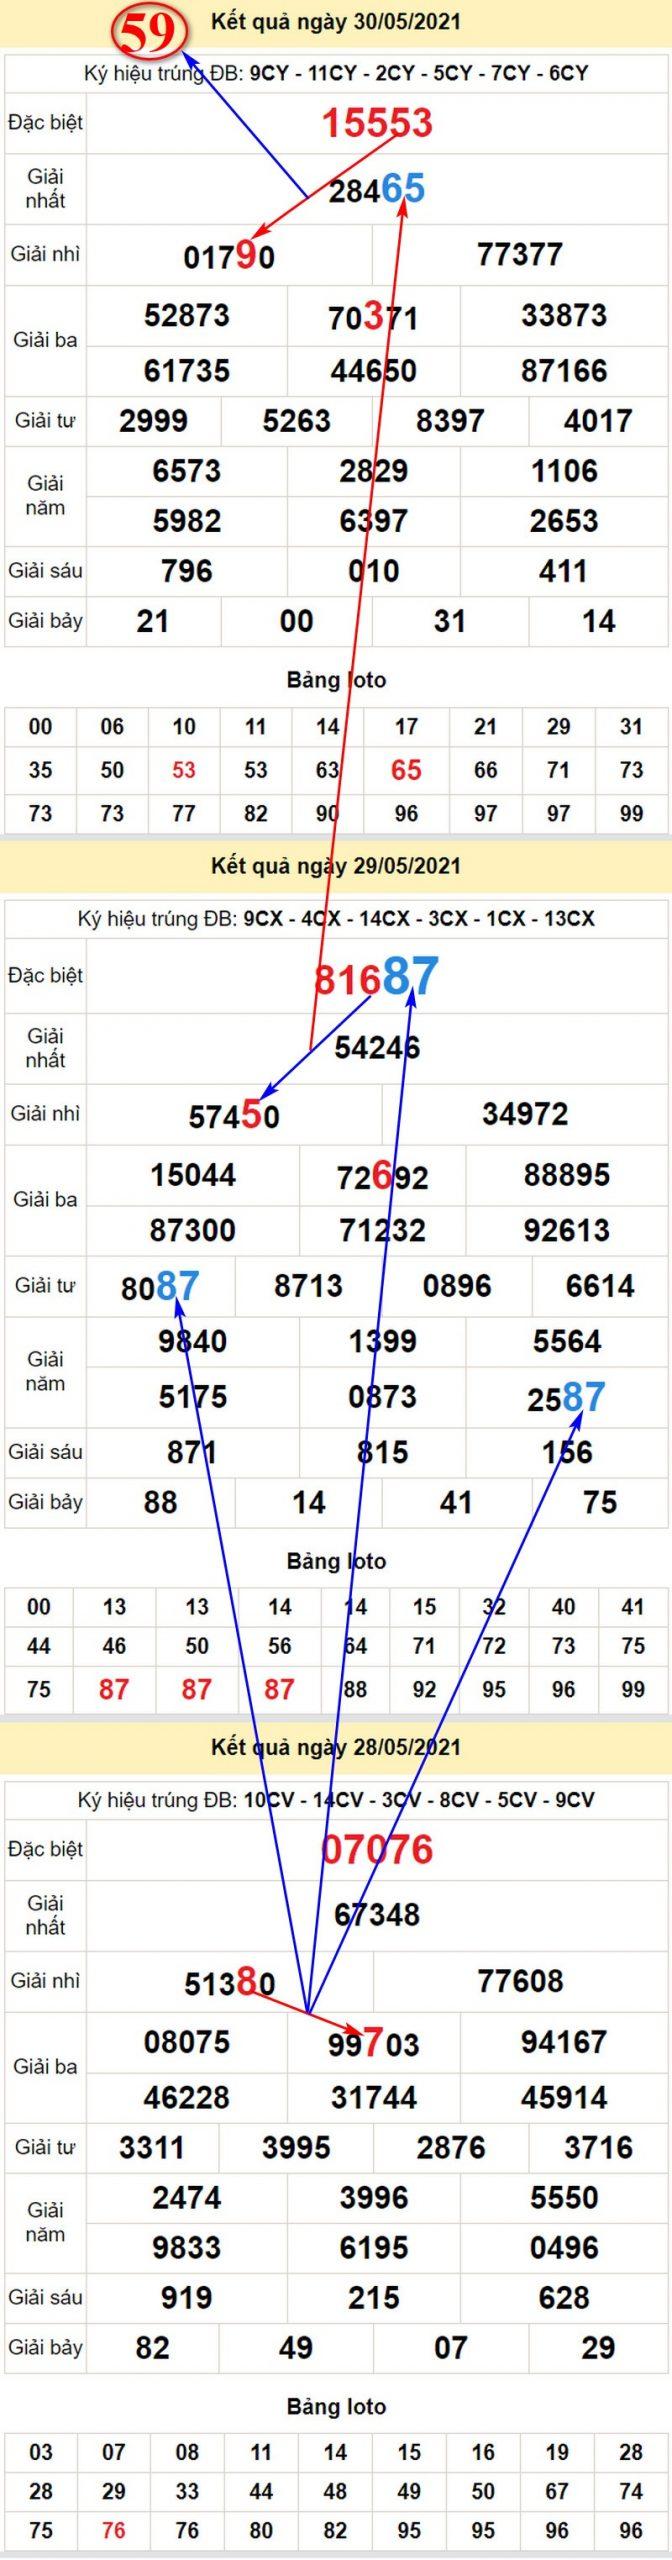 Soi cầu dự đoán kết quả XSMB T2 ngày 31/5/2021